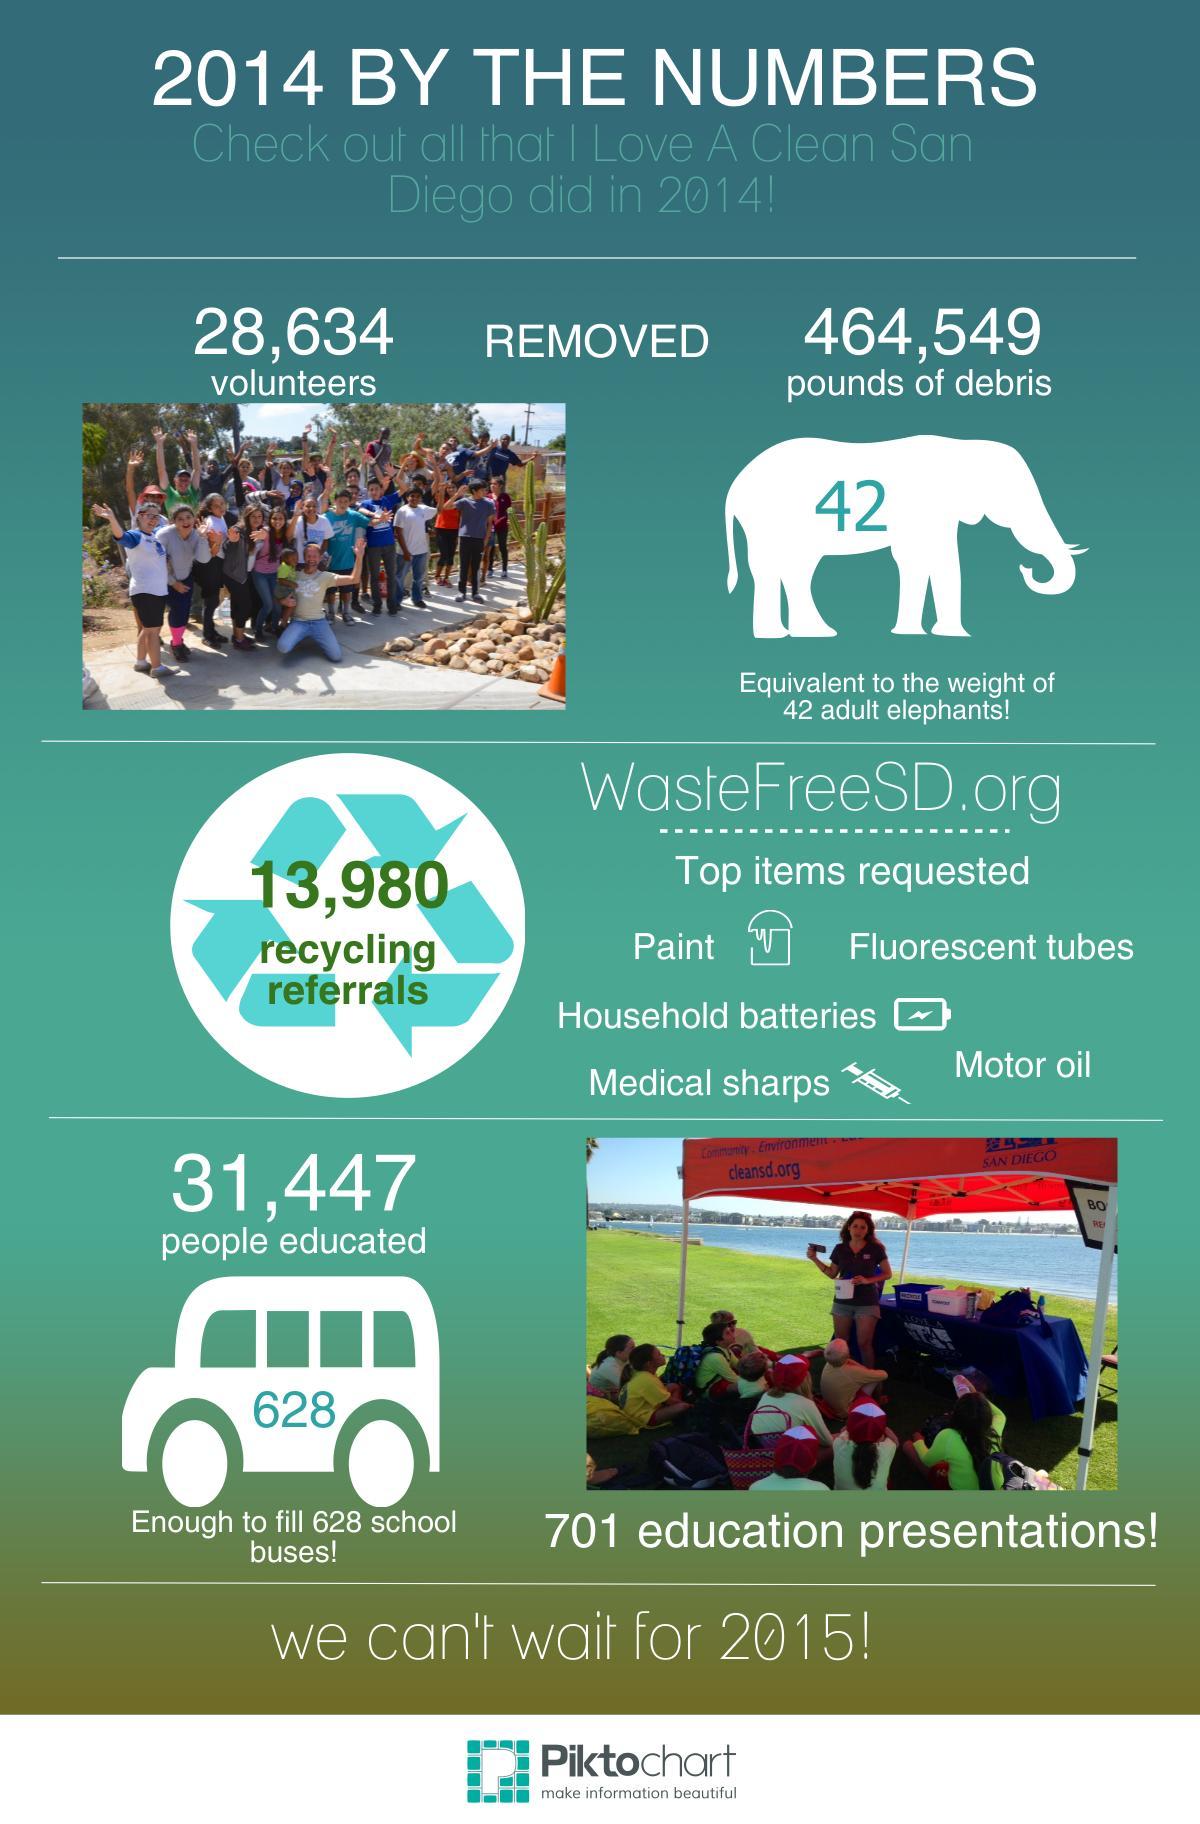 ILACSD_Infographic